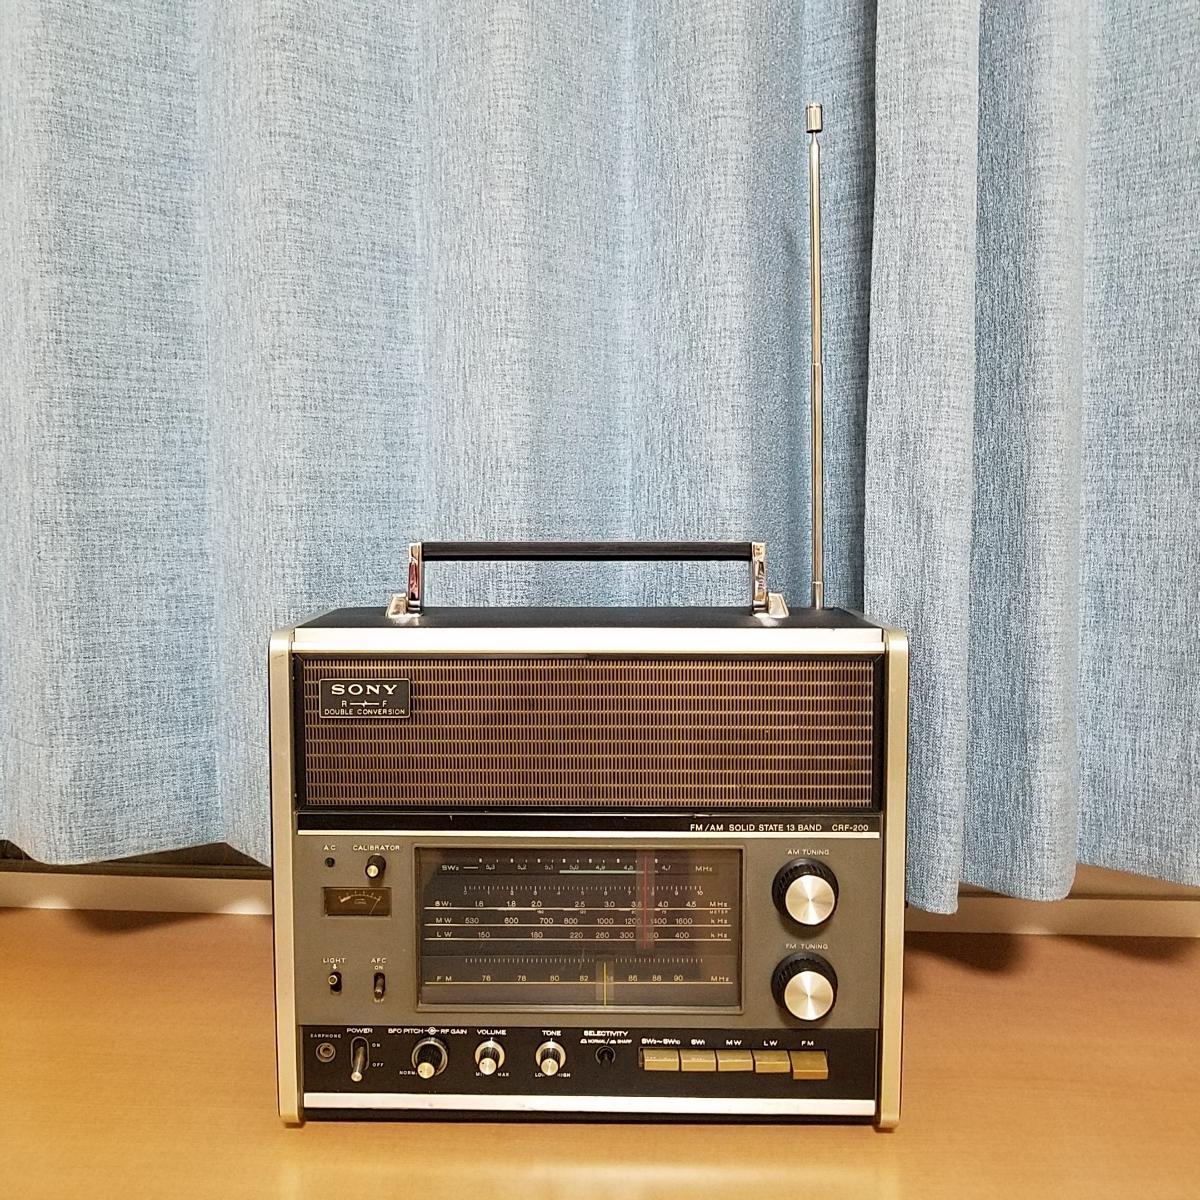 希少 SONY CRF-200 WORLDZONE13 ワールドゾーン 13 BAND RADIO アンティーク ラジオ 中古 簡易動作確認済_画像10